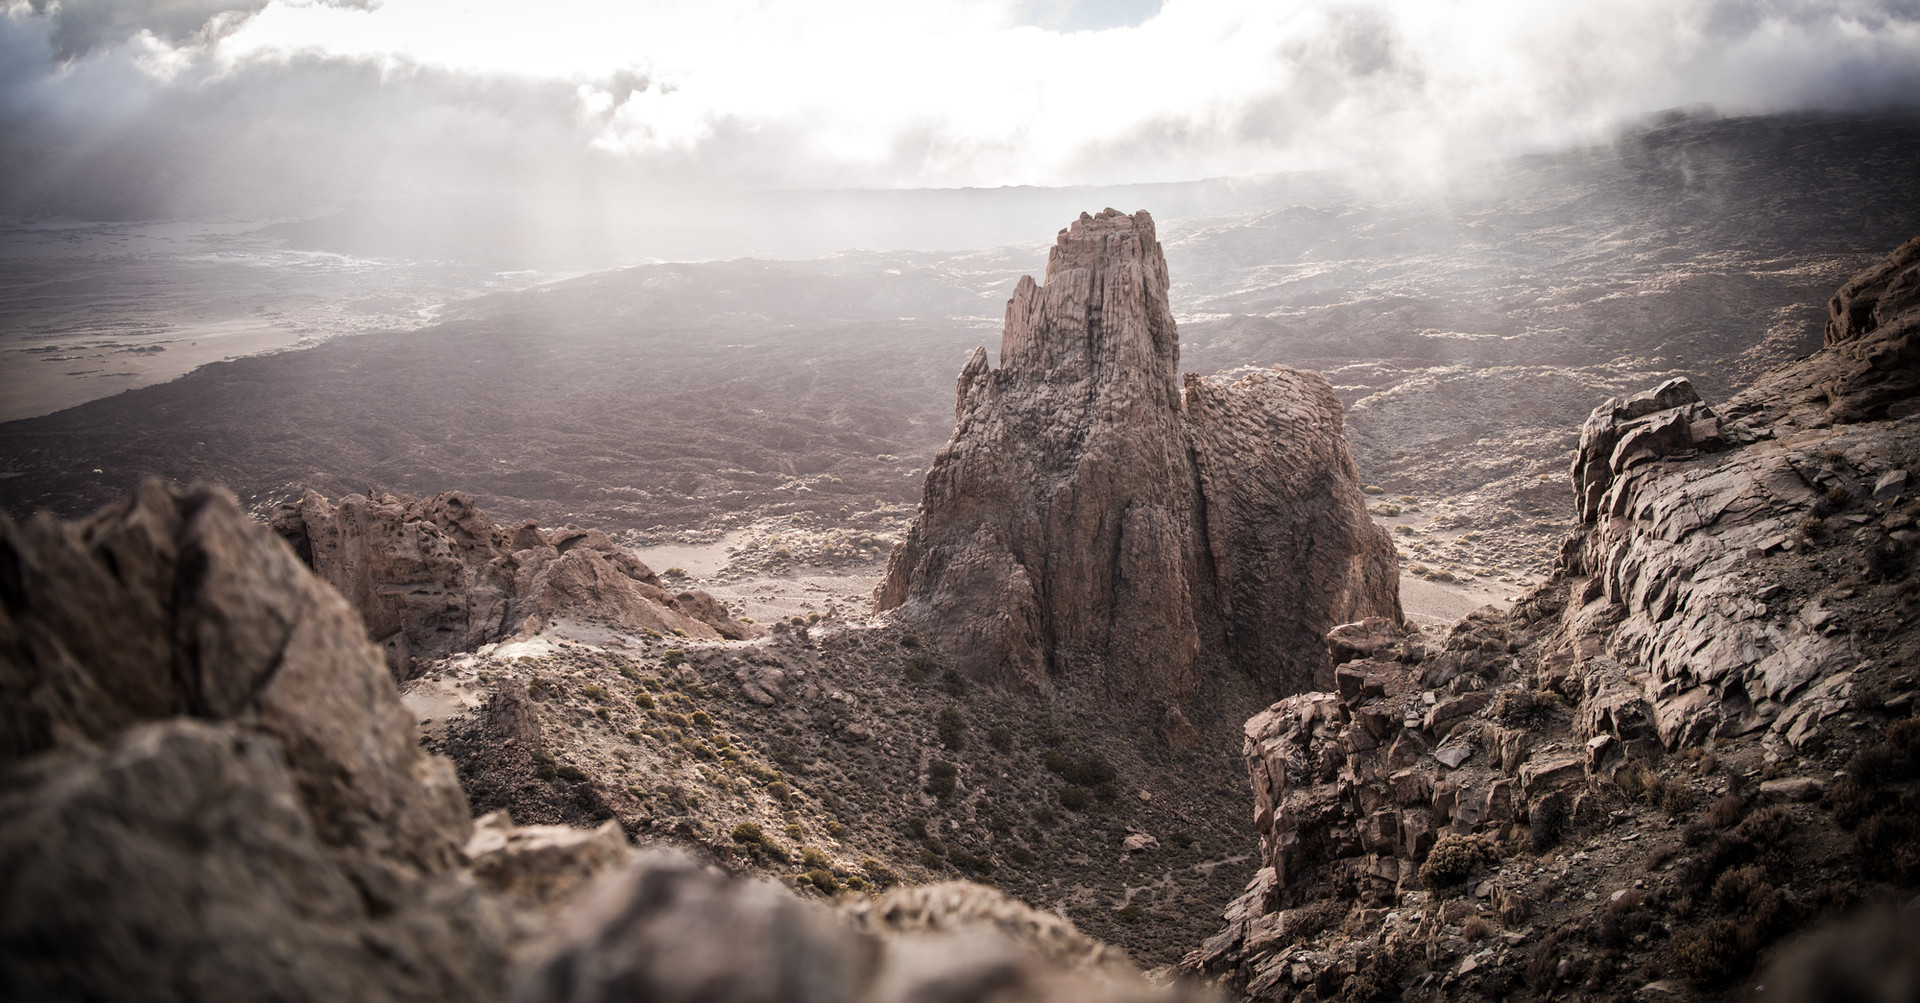 Los Roques de Garcia of Teide.